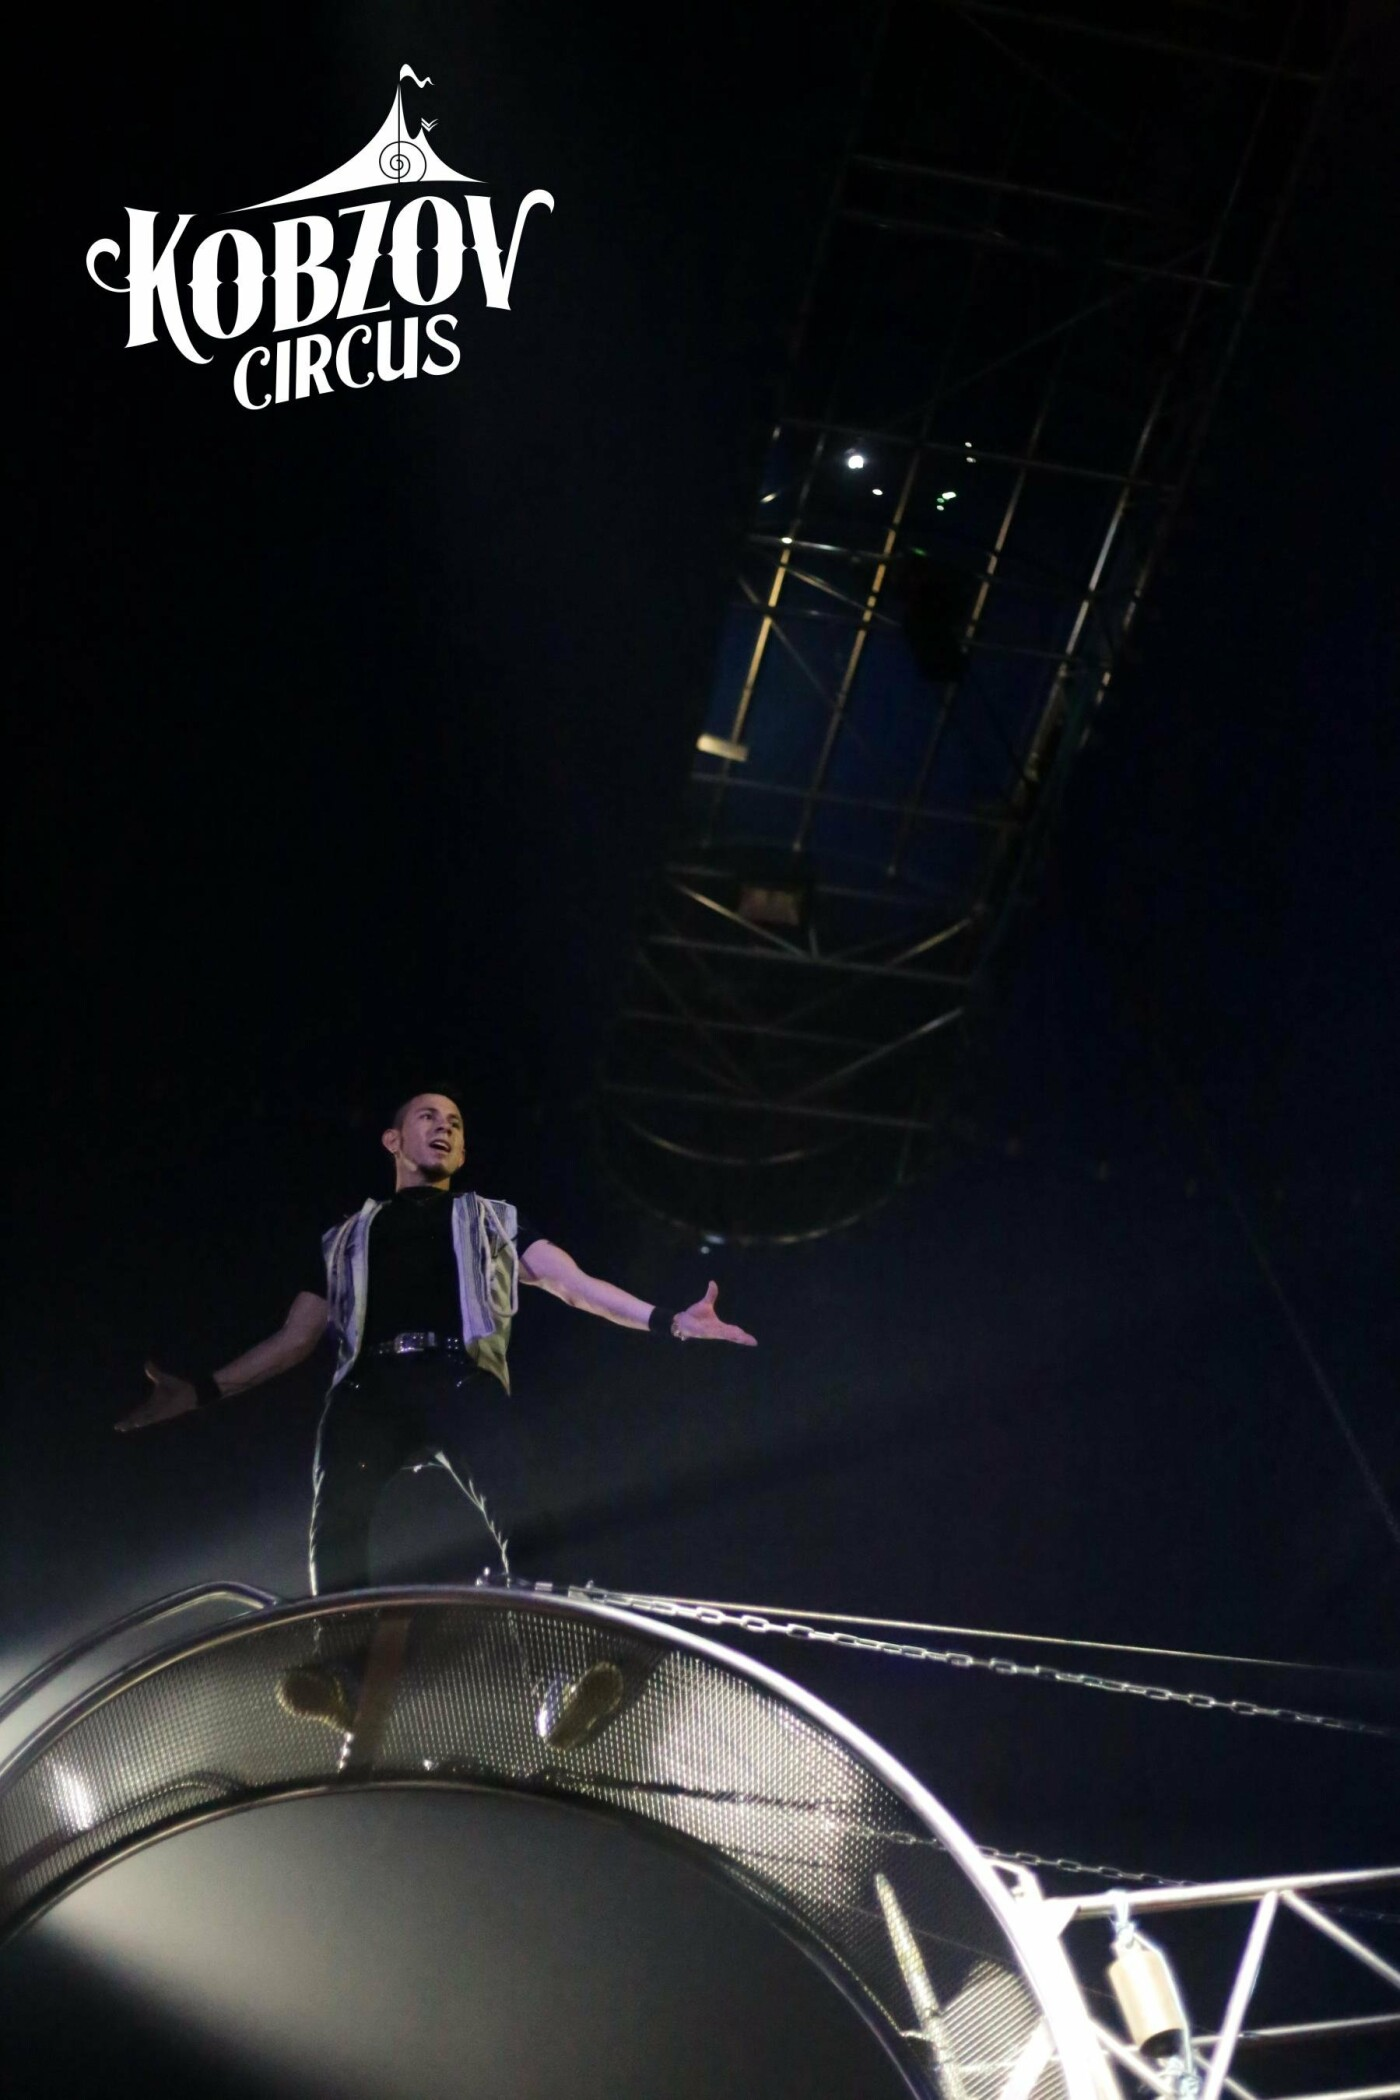 Найбільший цирк України – цирк «Кобзов», готовий дивувати, надихати і приносити радість, фото-5